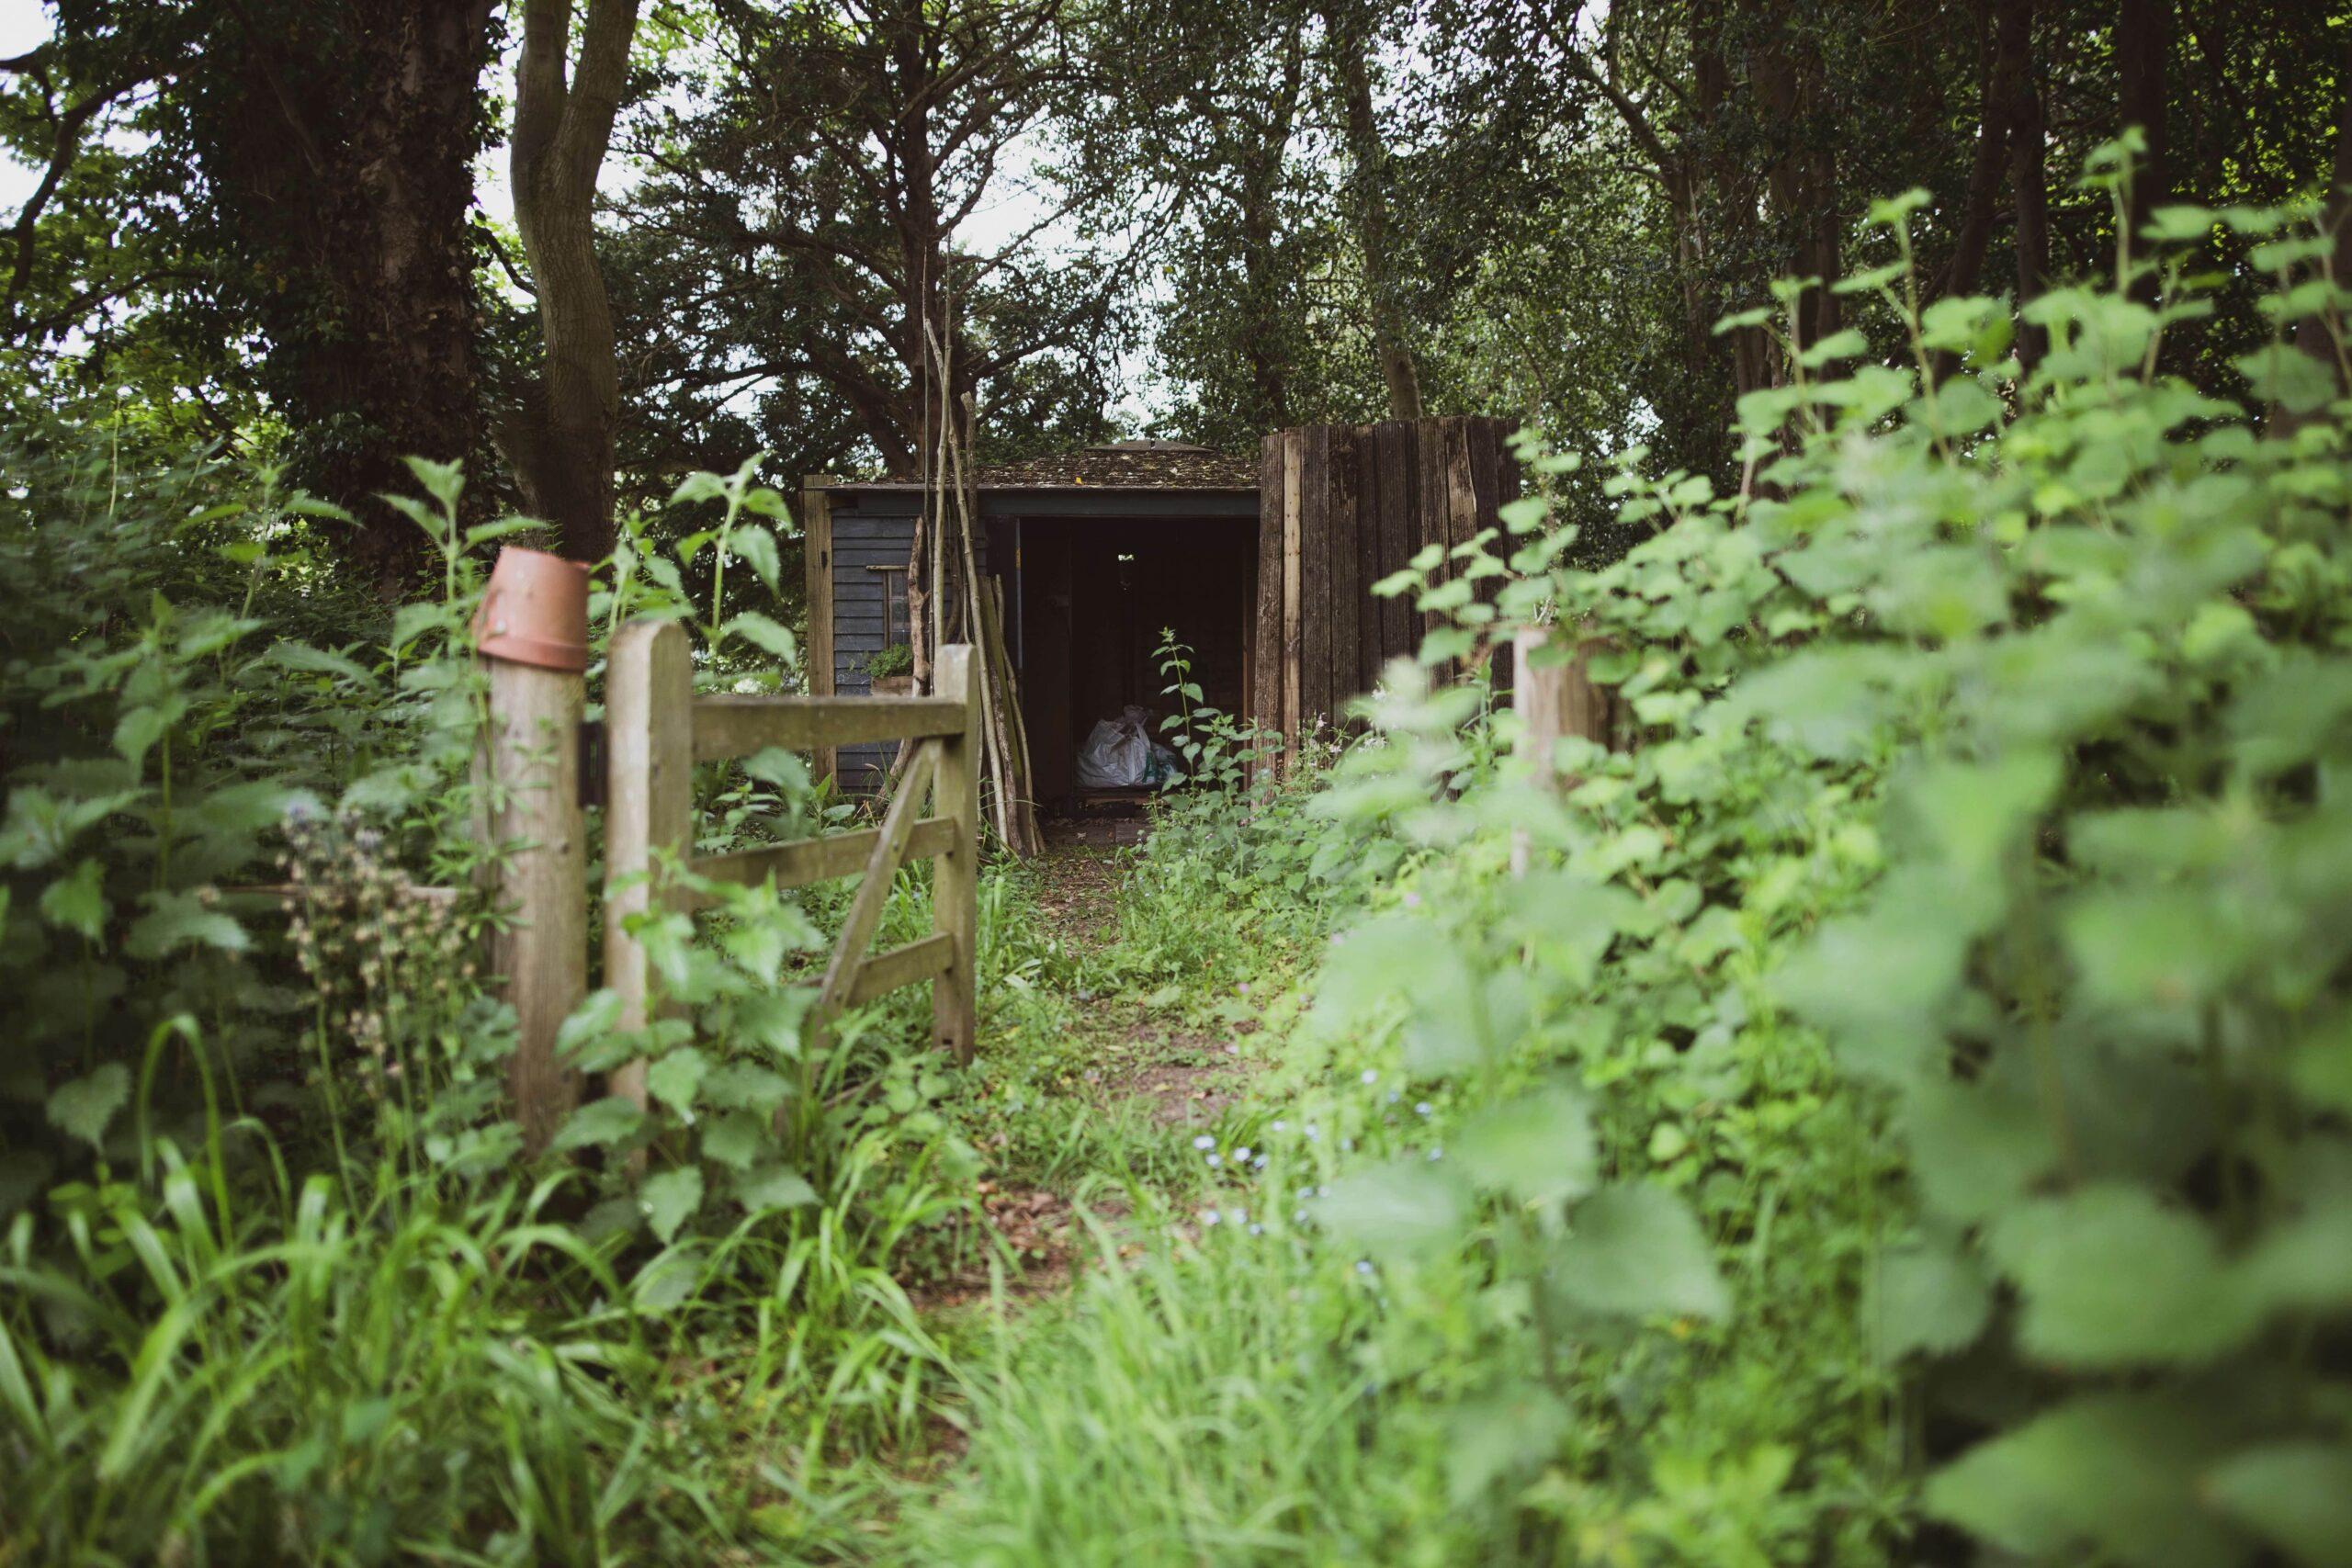 Garden Clearance: Image of an overgrown garden.